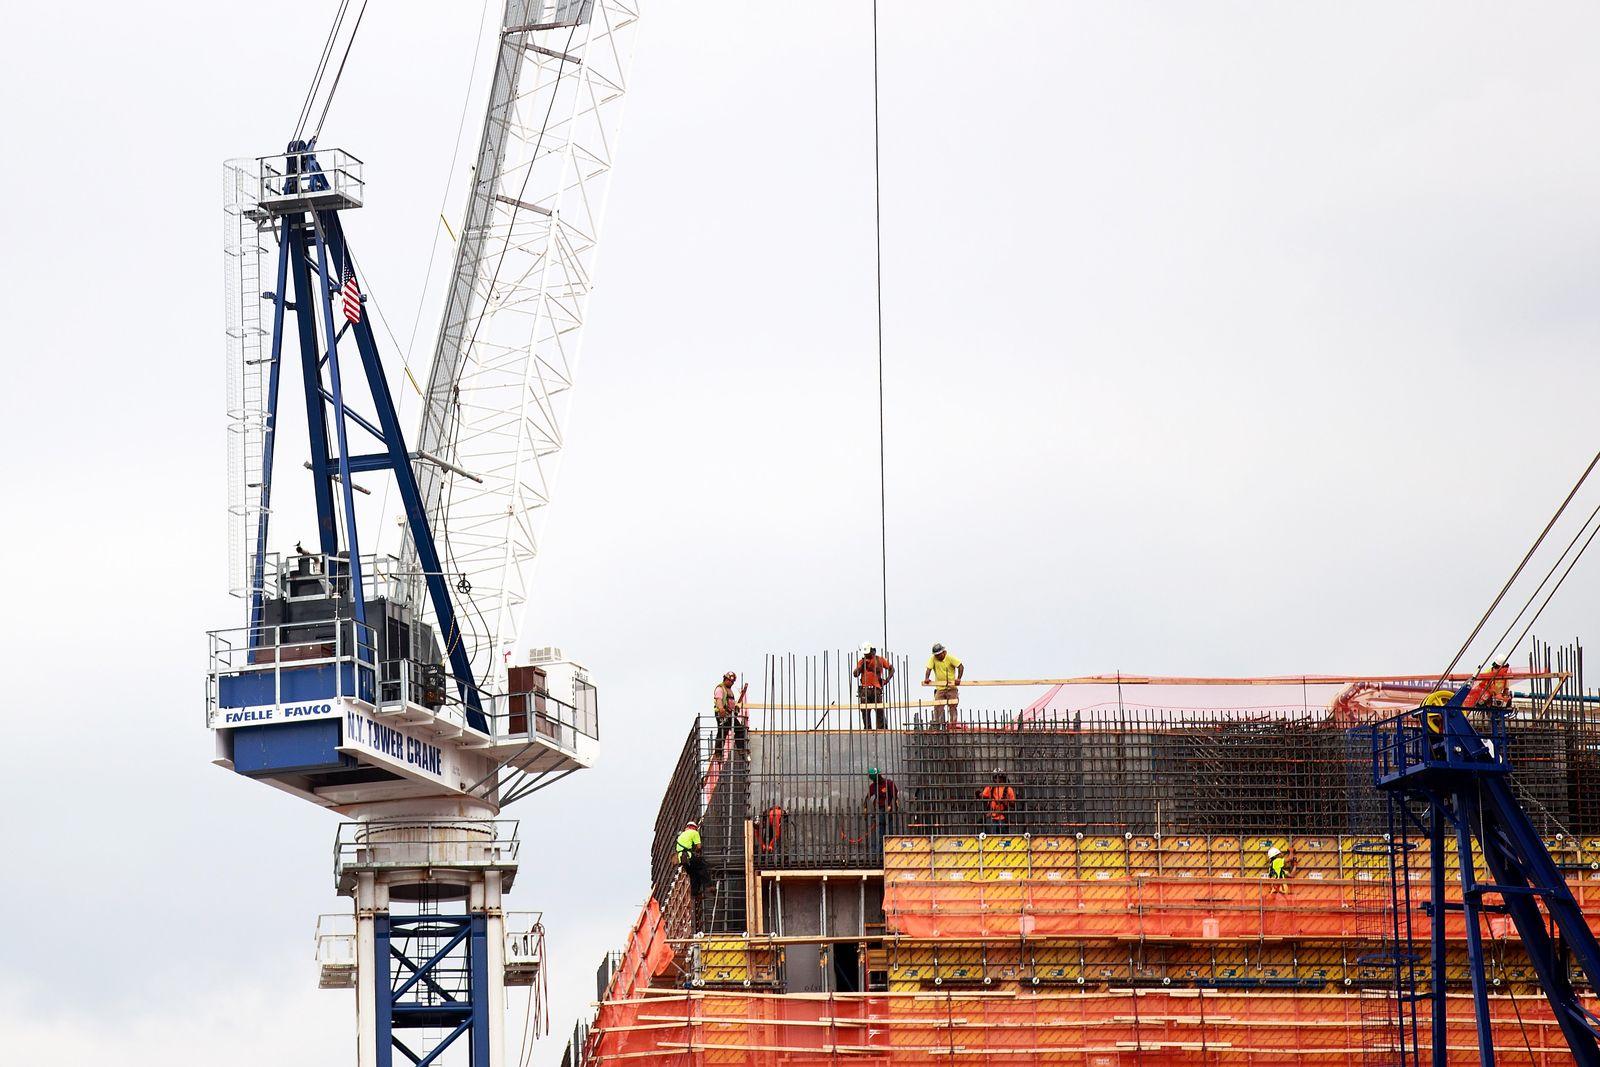 USA Wirtschaft / Konjunktur / Baustelle / Bauarbeiter